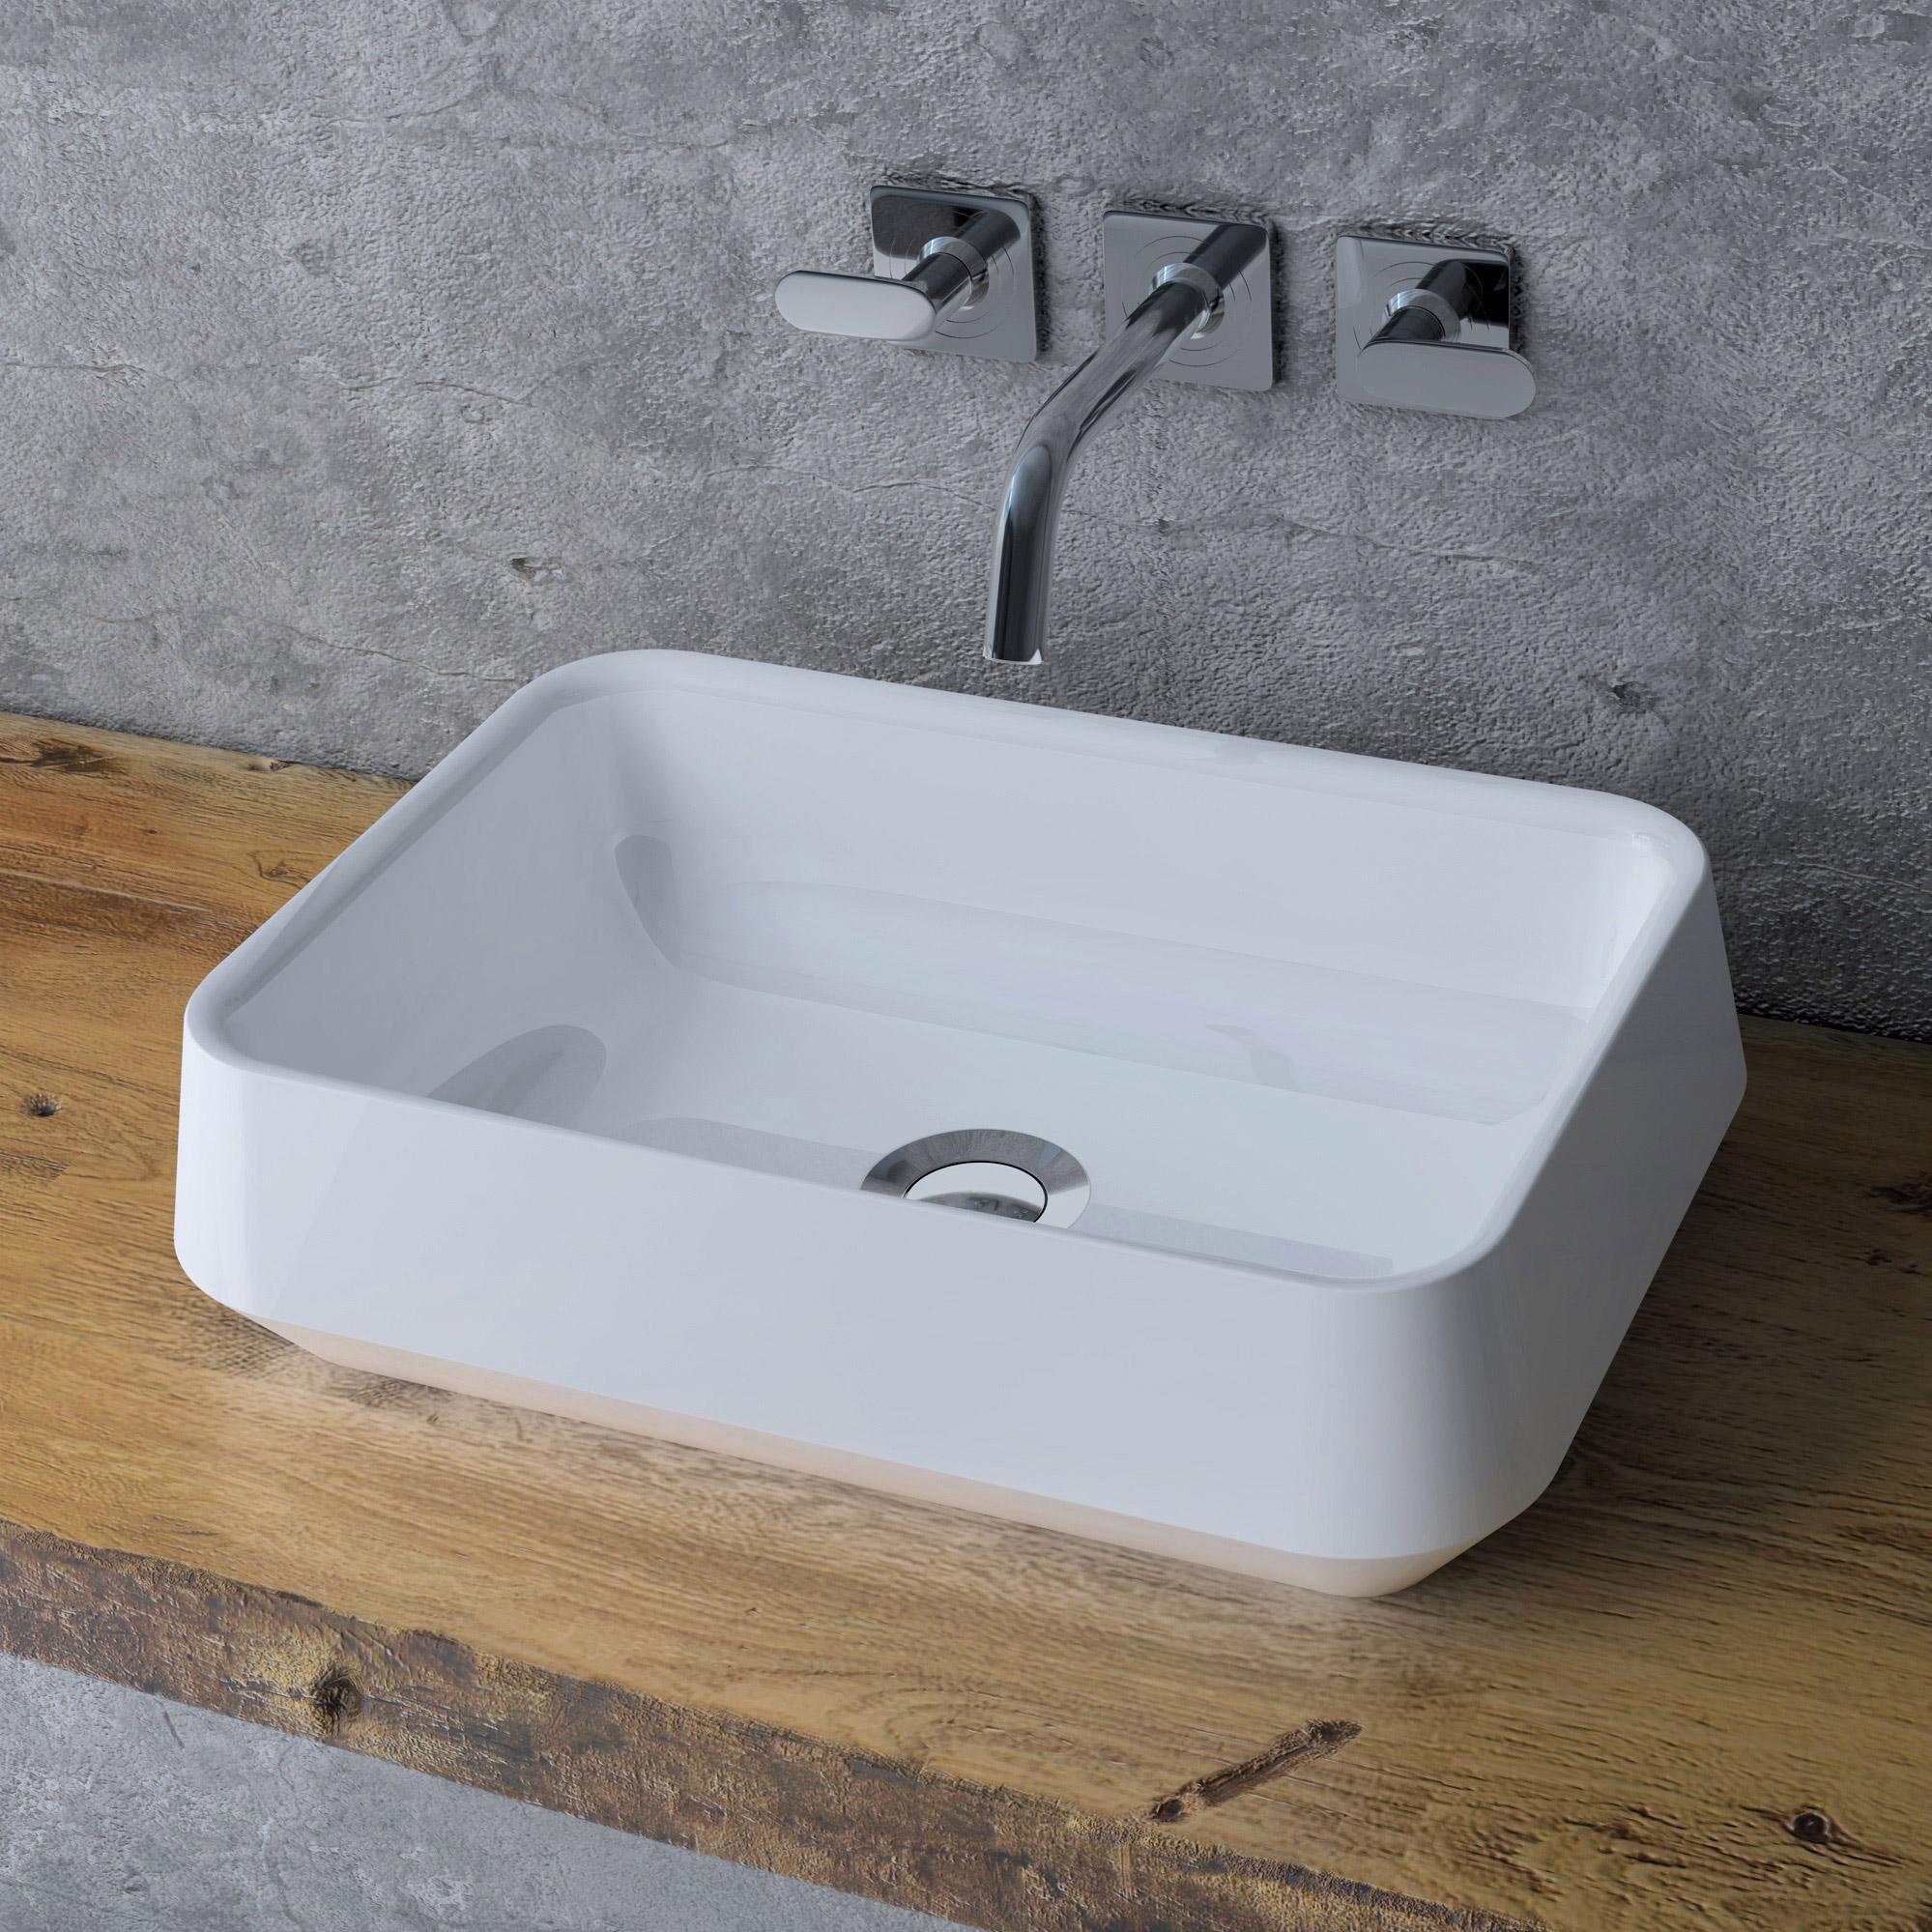 vasque a poser rectangulaire salle de bain Vasque à poser résine de synthèse l.45 x P.32 cm blanc Bjorg | Leroy Merlin